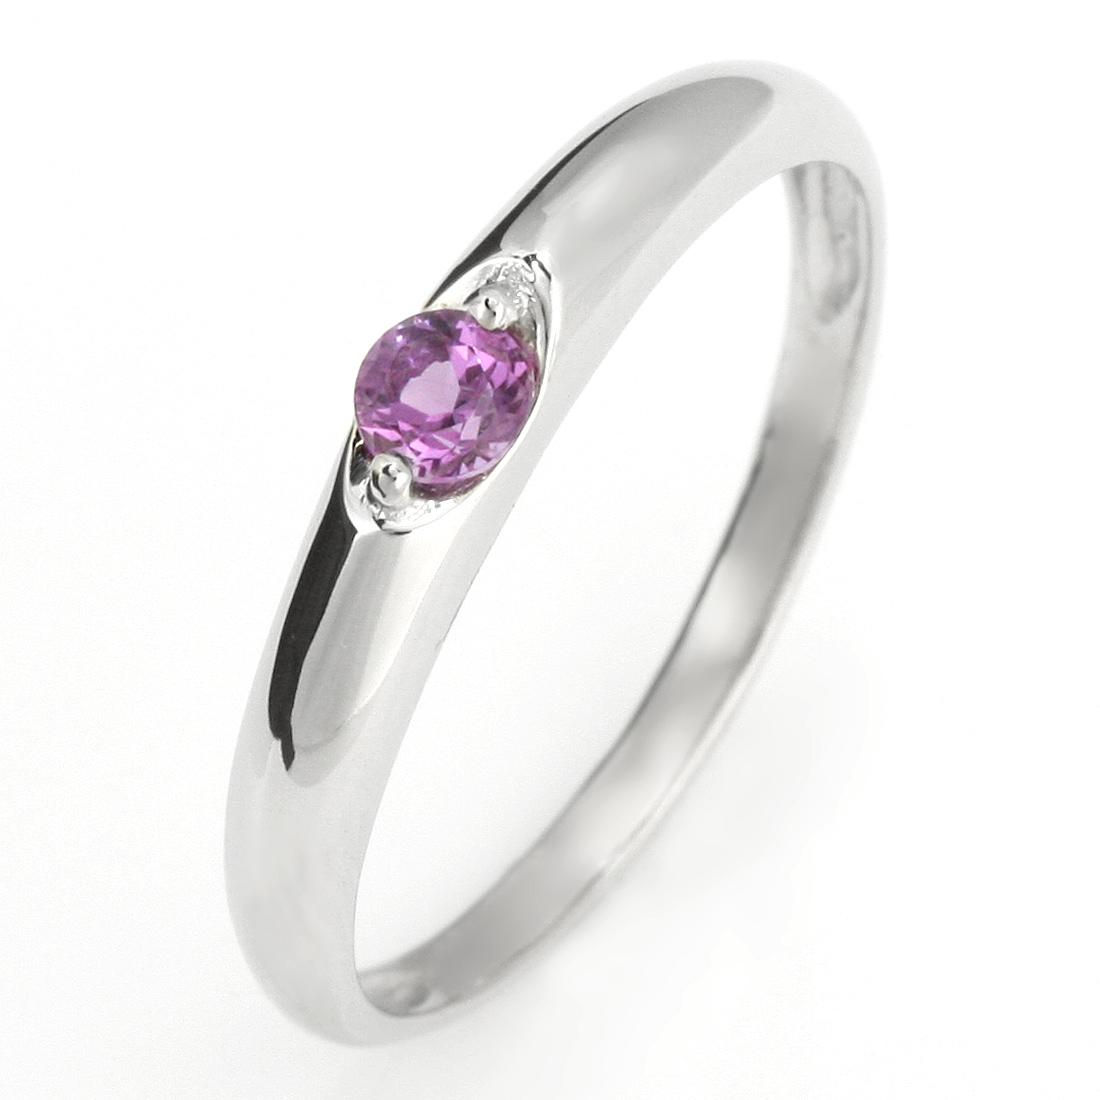 ペアリング 結婚指輪 マリッジリング プラチナ リング アメジスト 2月 誕生石【DEAL】